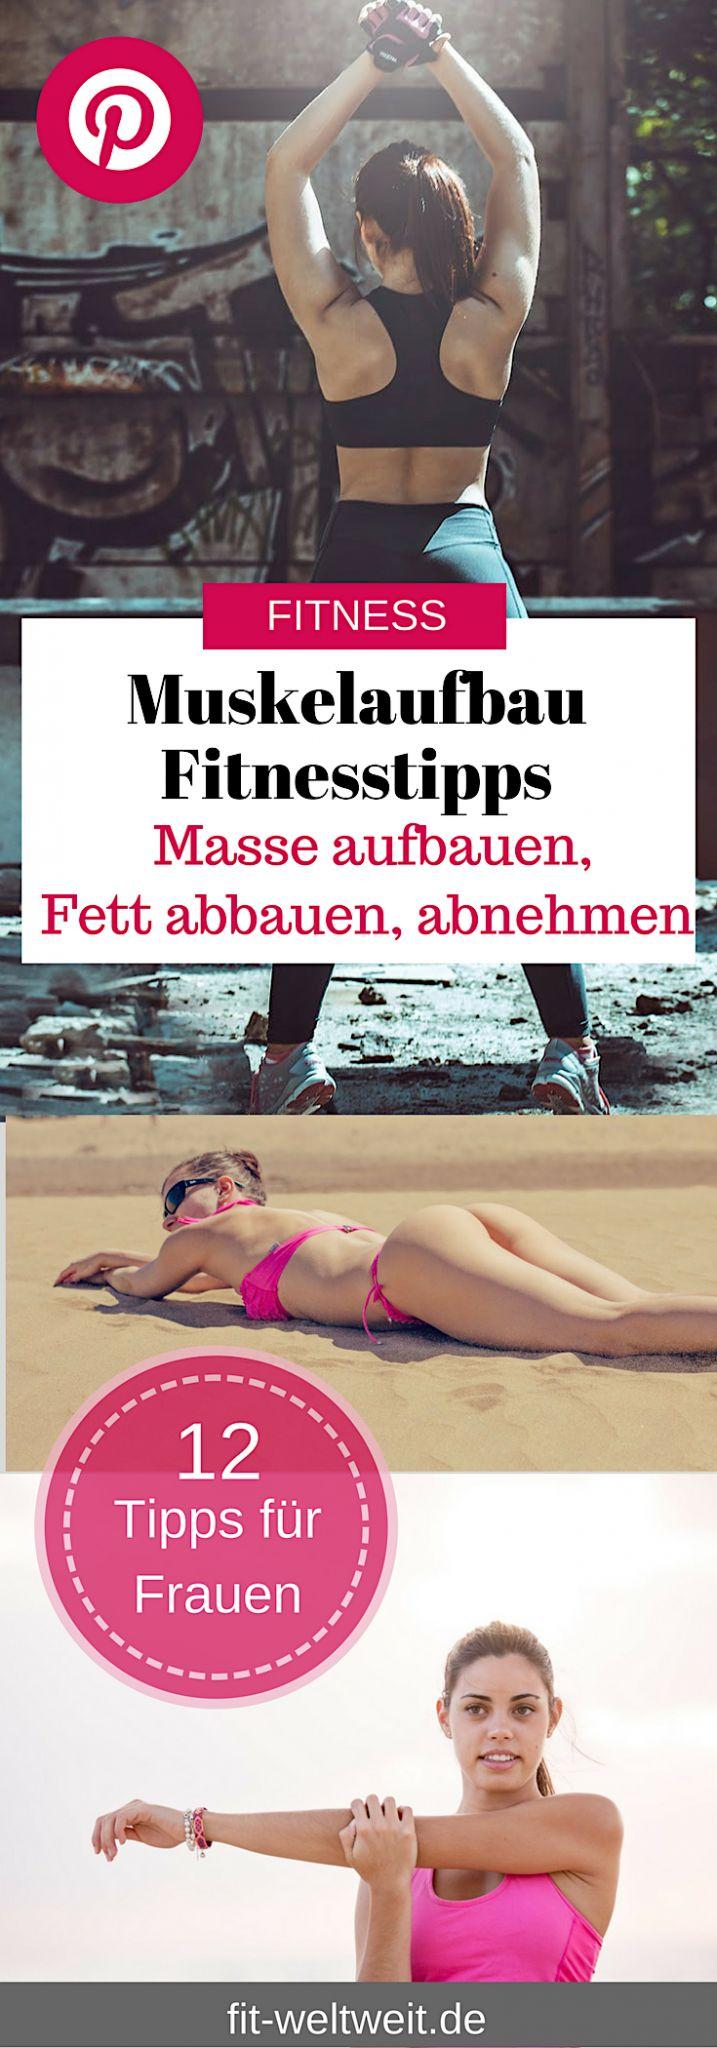 Muskelaufbau Fitnesstipps, die dich schnell zum Ziel bringen. Das richtige #Training. Dazu gibt es einen Trainingsplan mit den richtigen Übungen, Tipps zur Wiederholung, der Anatomie, nützliche Supplements und die effektivste Ernährung - besonders für Frauen. #Muskelaufbau für Frauen mit #Trainingsplan für zuhause (Auch für Anfänger geeignet), Ernährungsplan (welches Essen). Alles auf dem Blog. #Fitnessinspiration